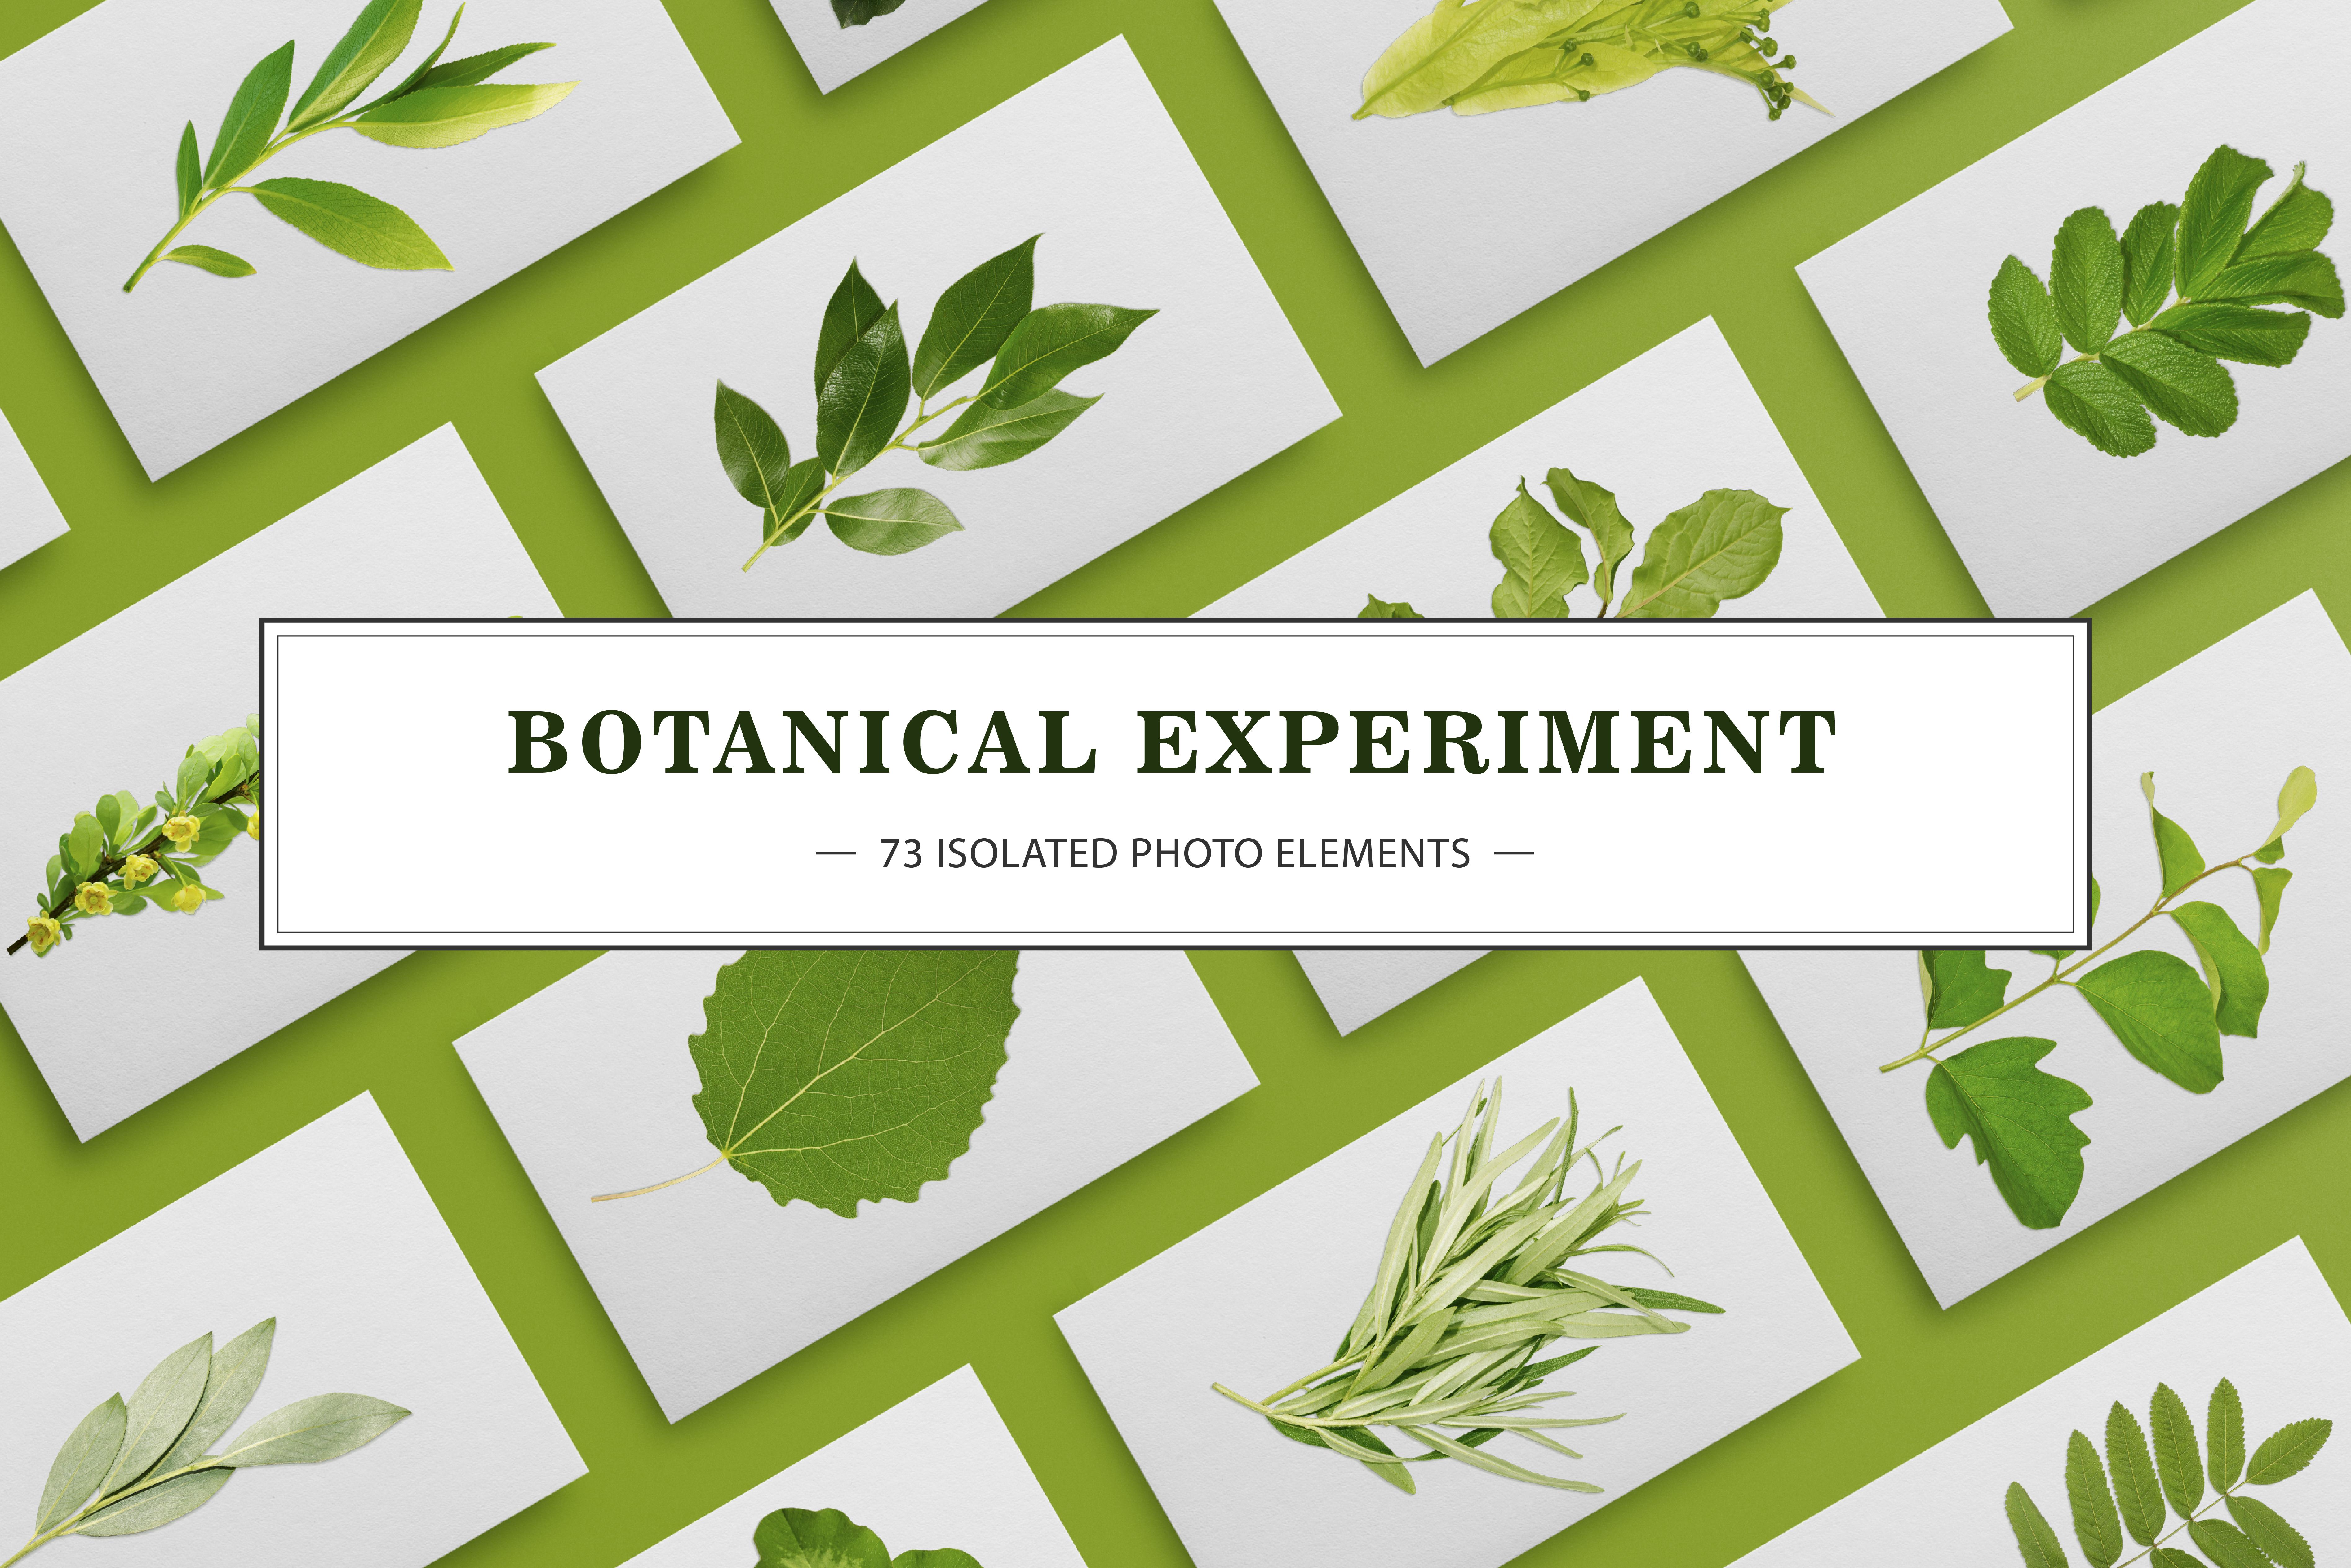 BOTANICAL EXPERIMENT example image 1